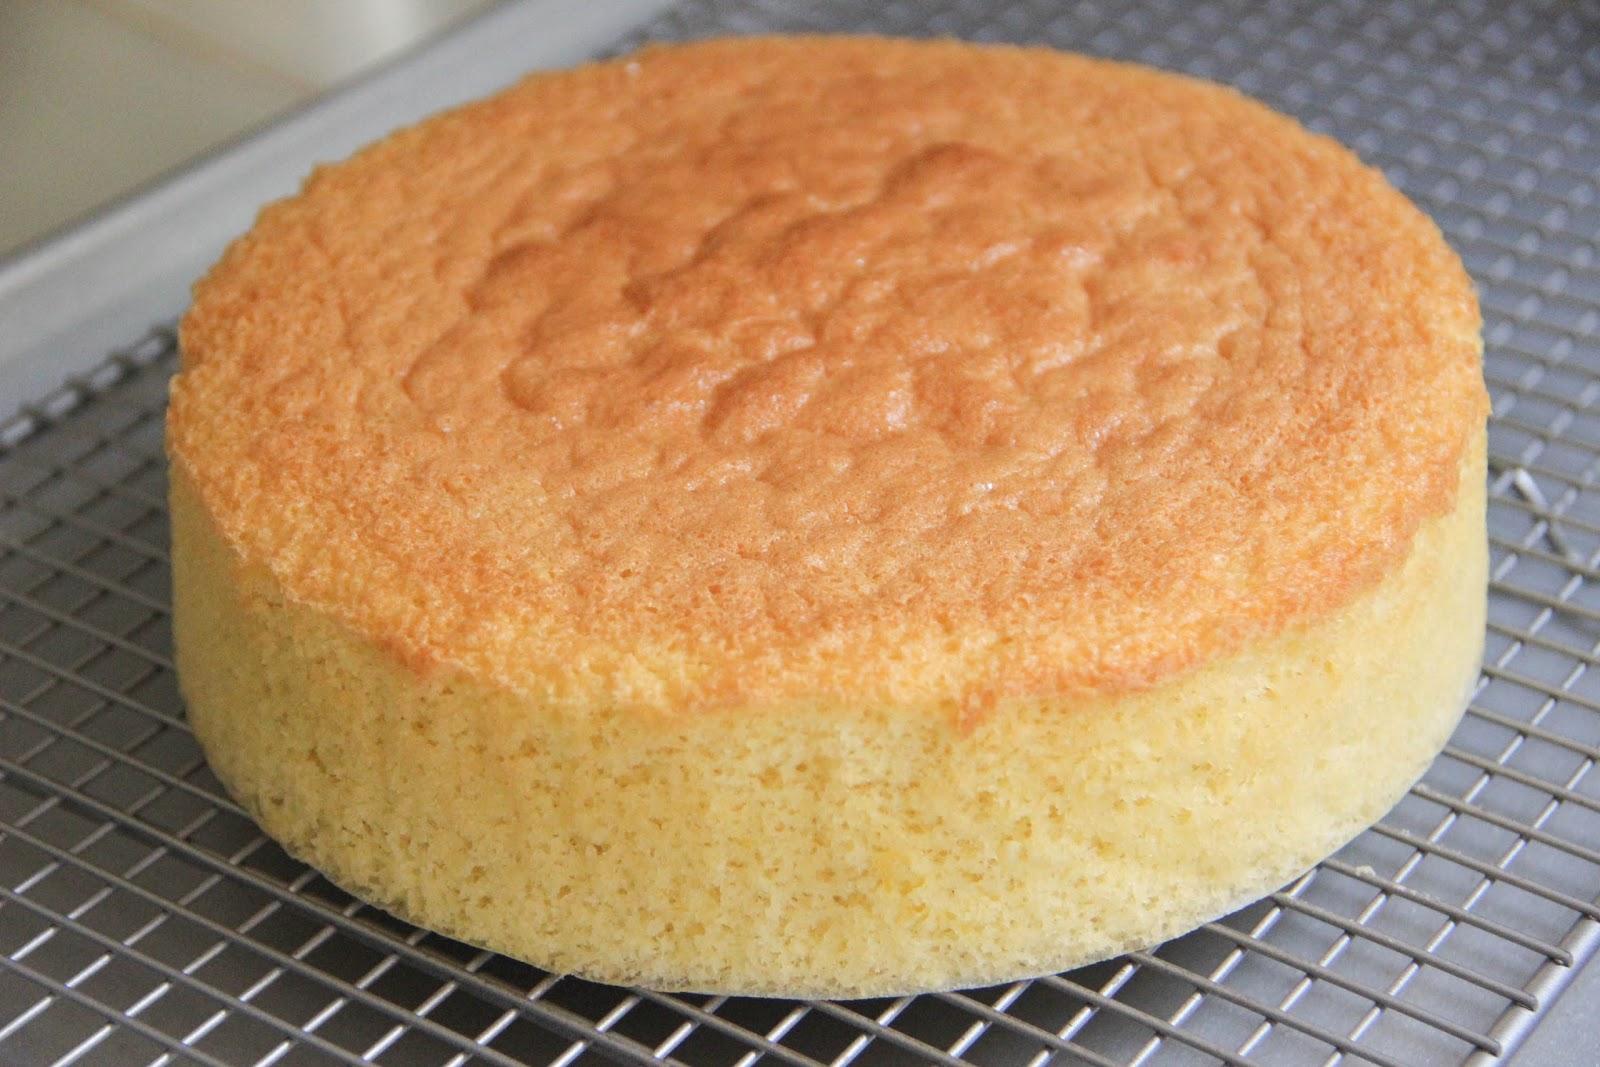 صور عمل كيكة اسفنجية , طرق سهله و بسيطه لعمل الكيكه